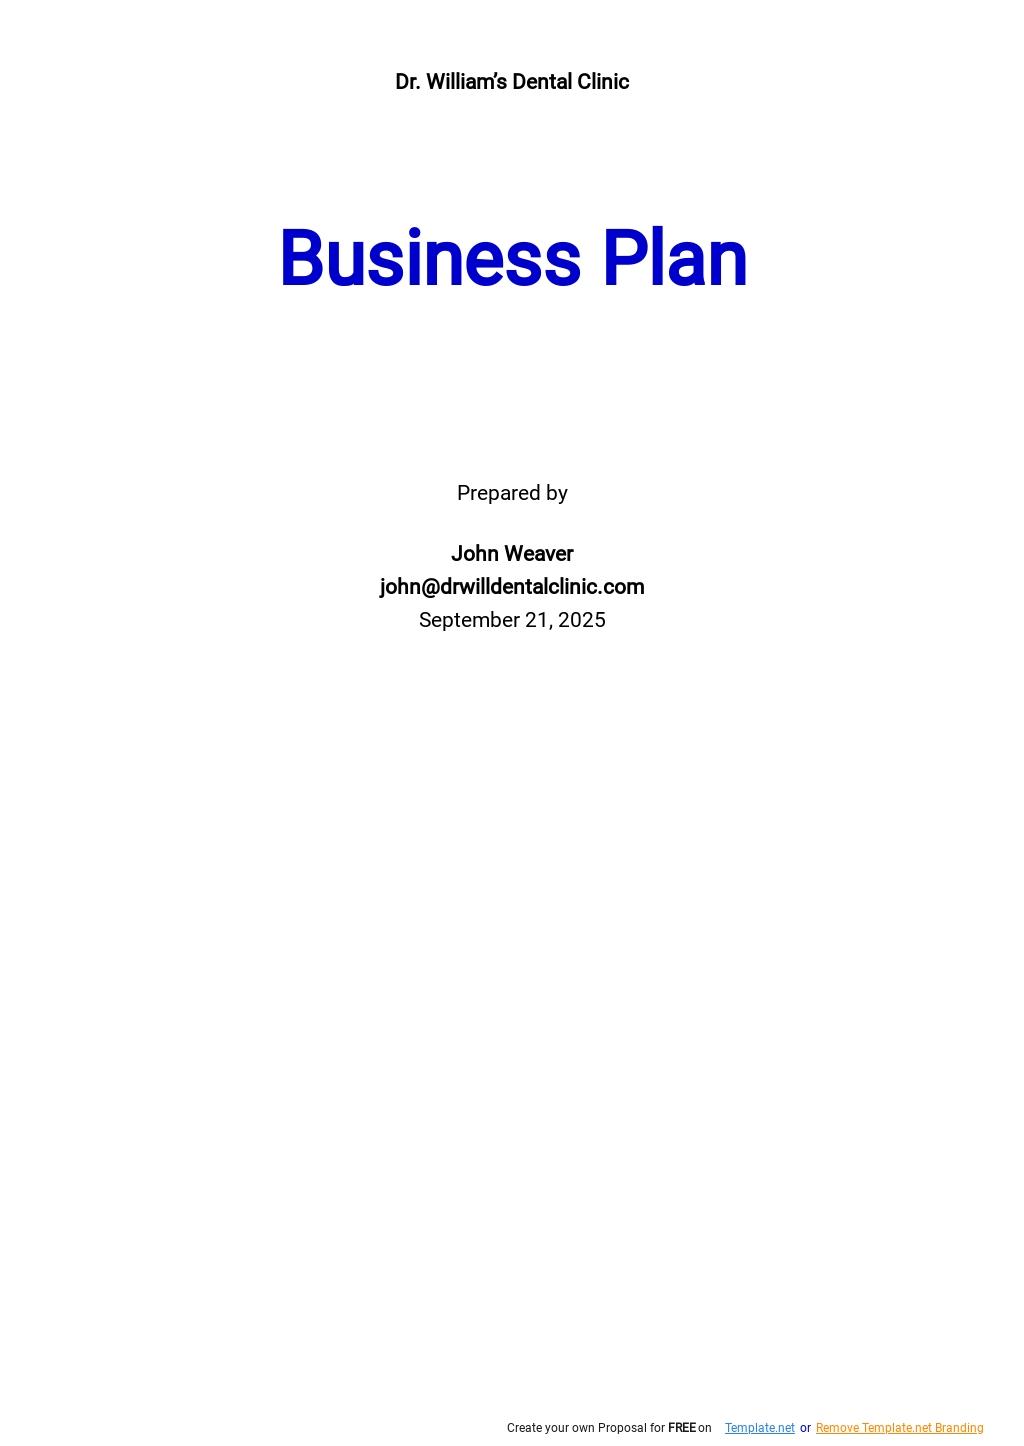 Dental Clinic Business Plan Template.jpe